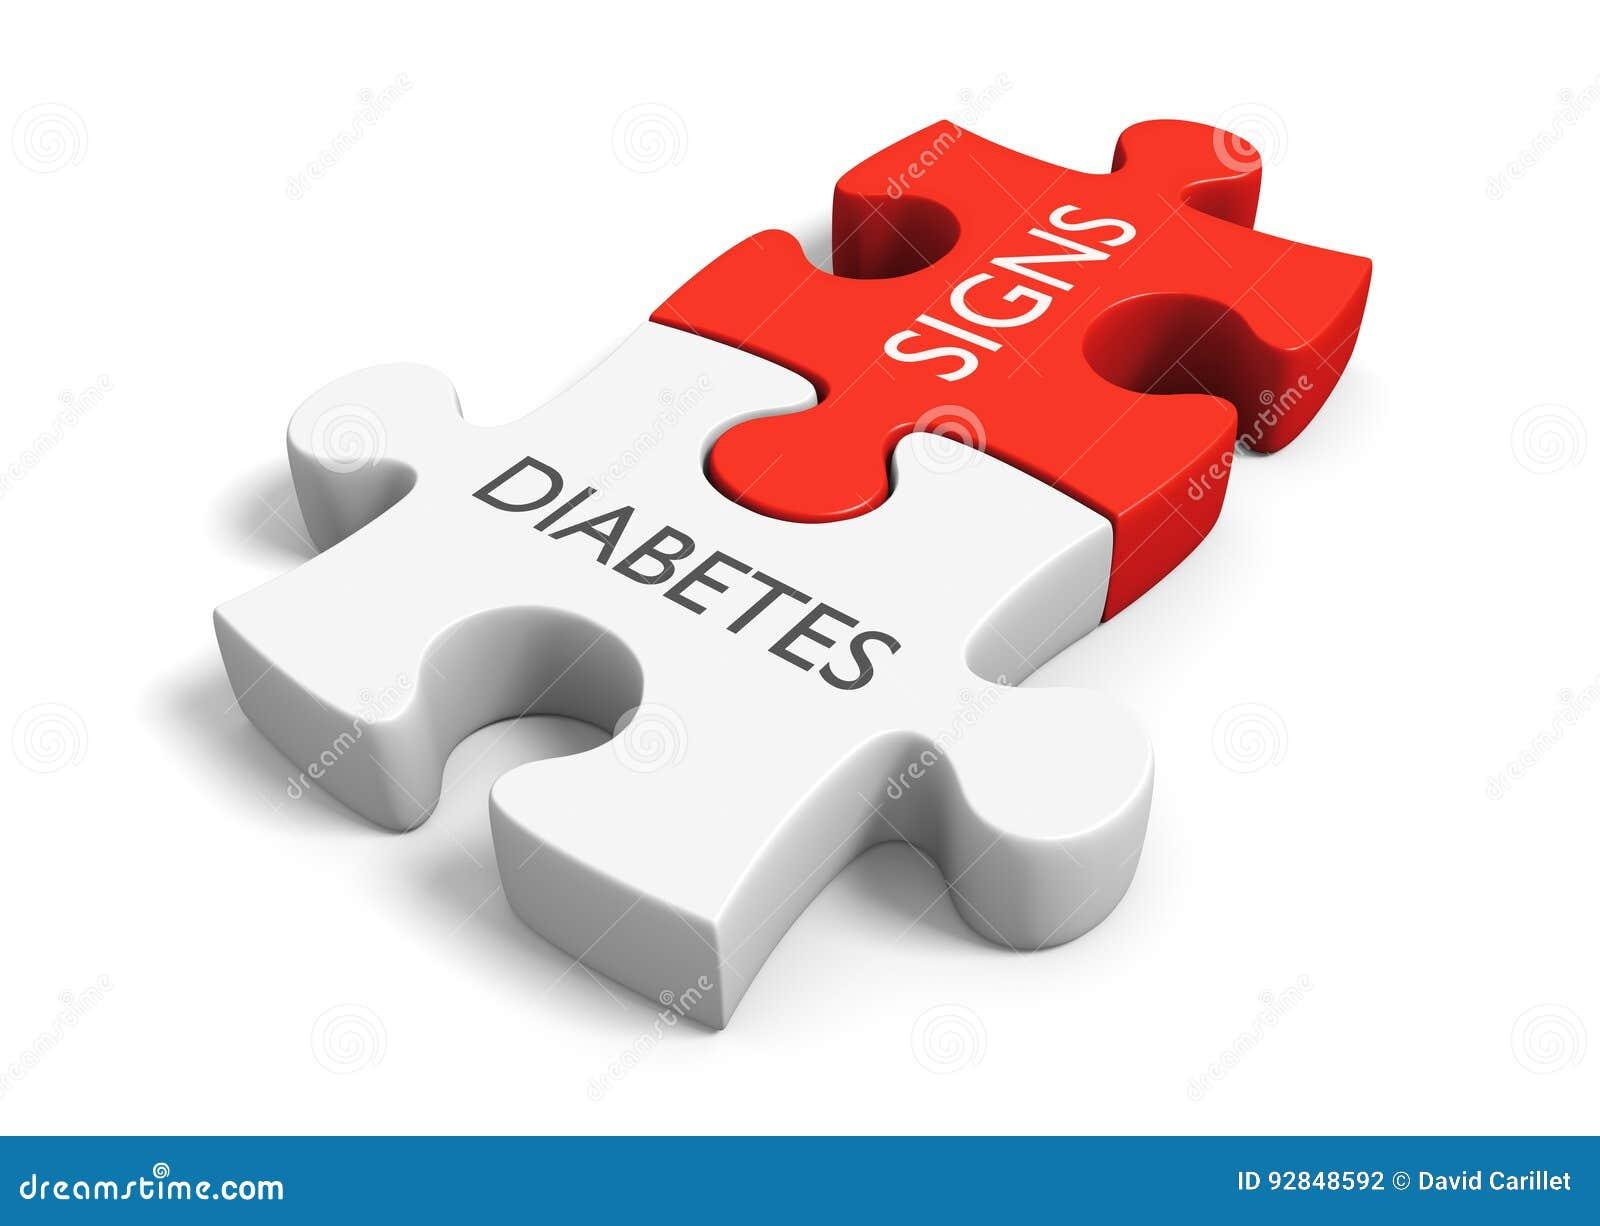 Cukrzycy choroby objawów i znaków mellitus metaboliczny pojęcie, 3D rendering